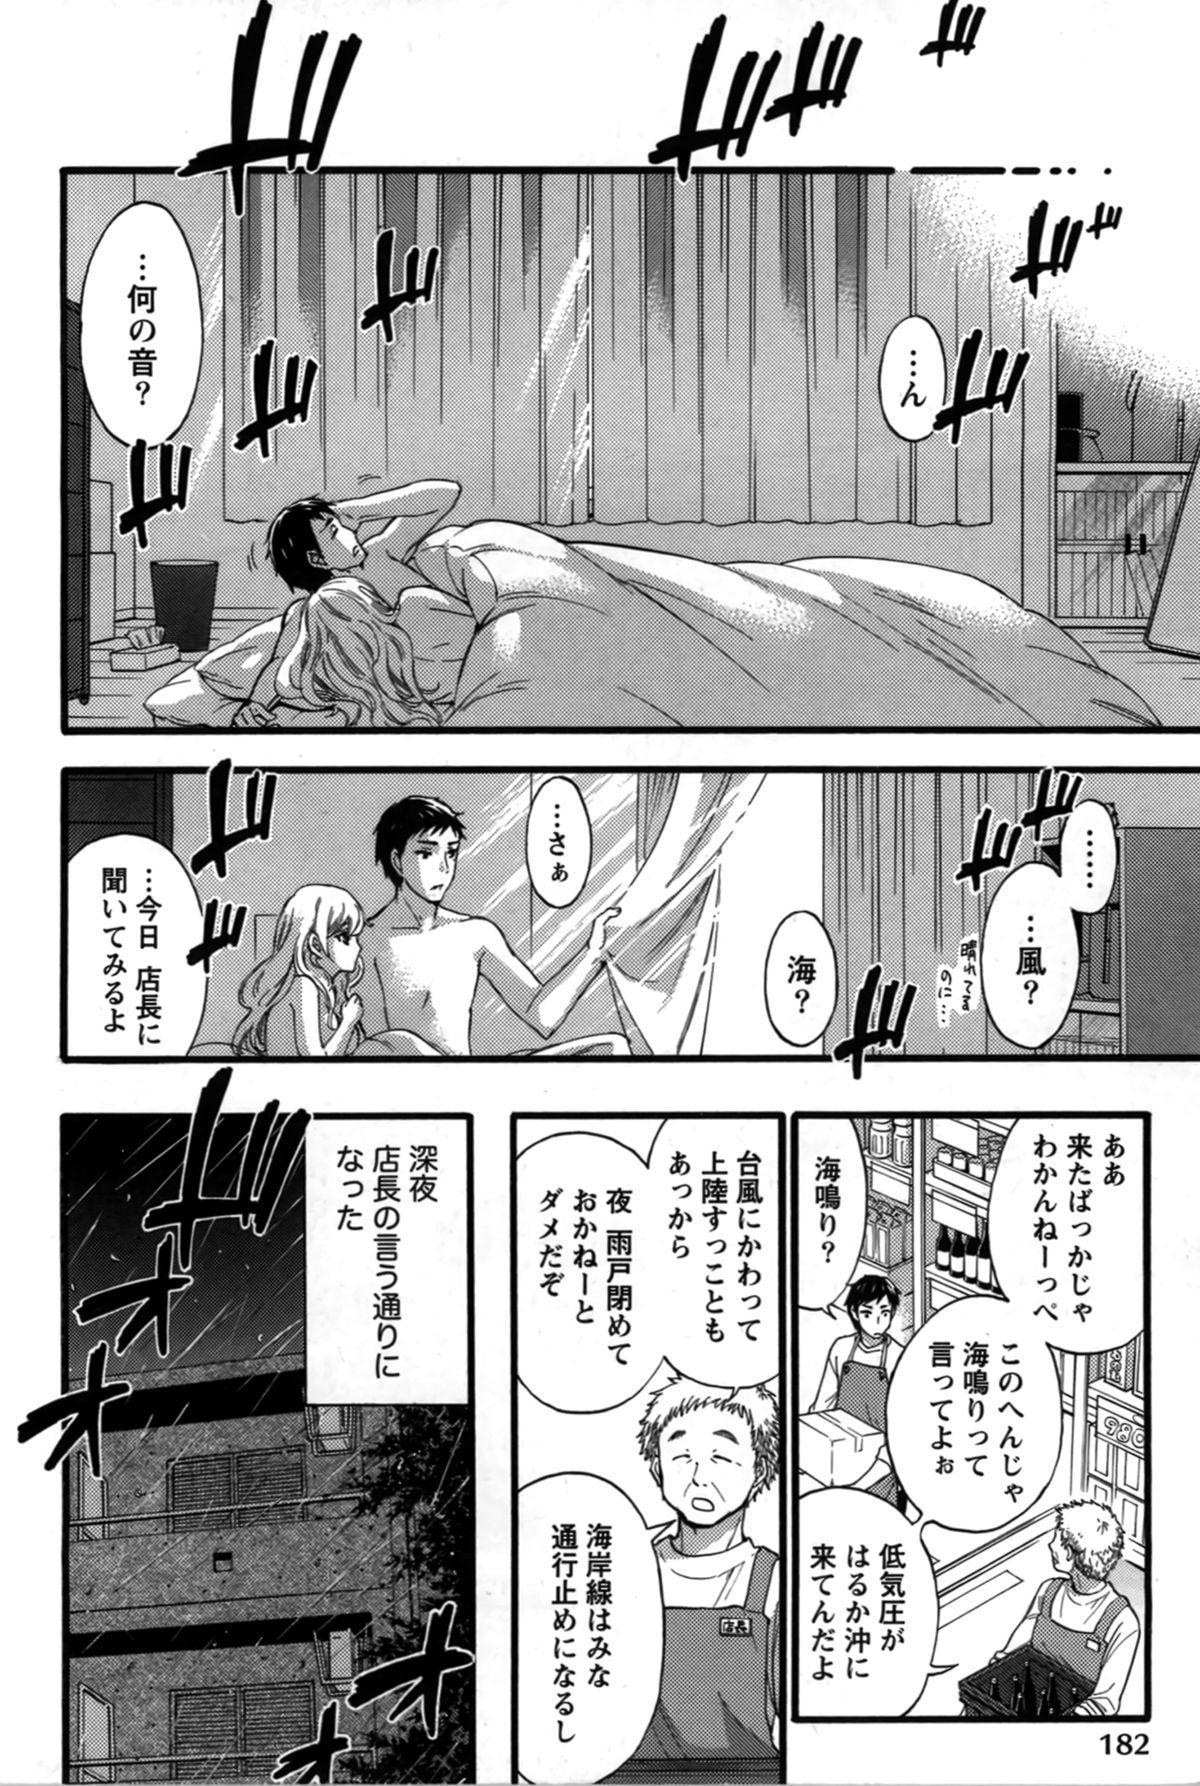 Anata to Watashi wa Warukunai 184